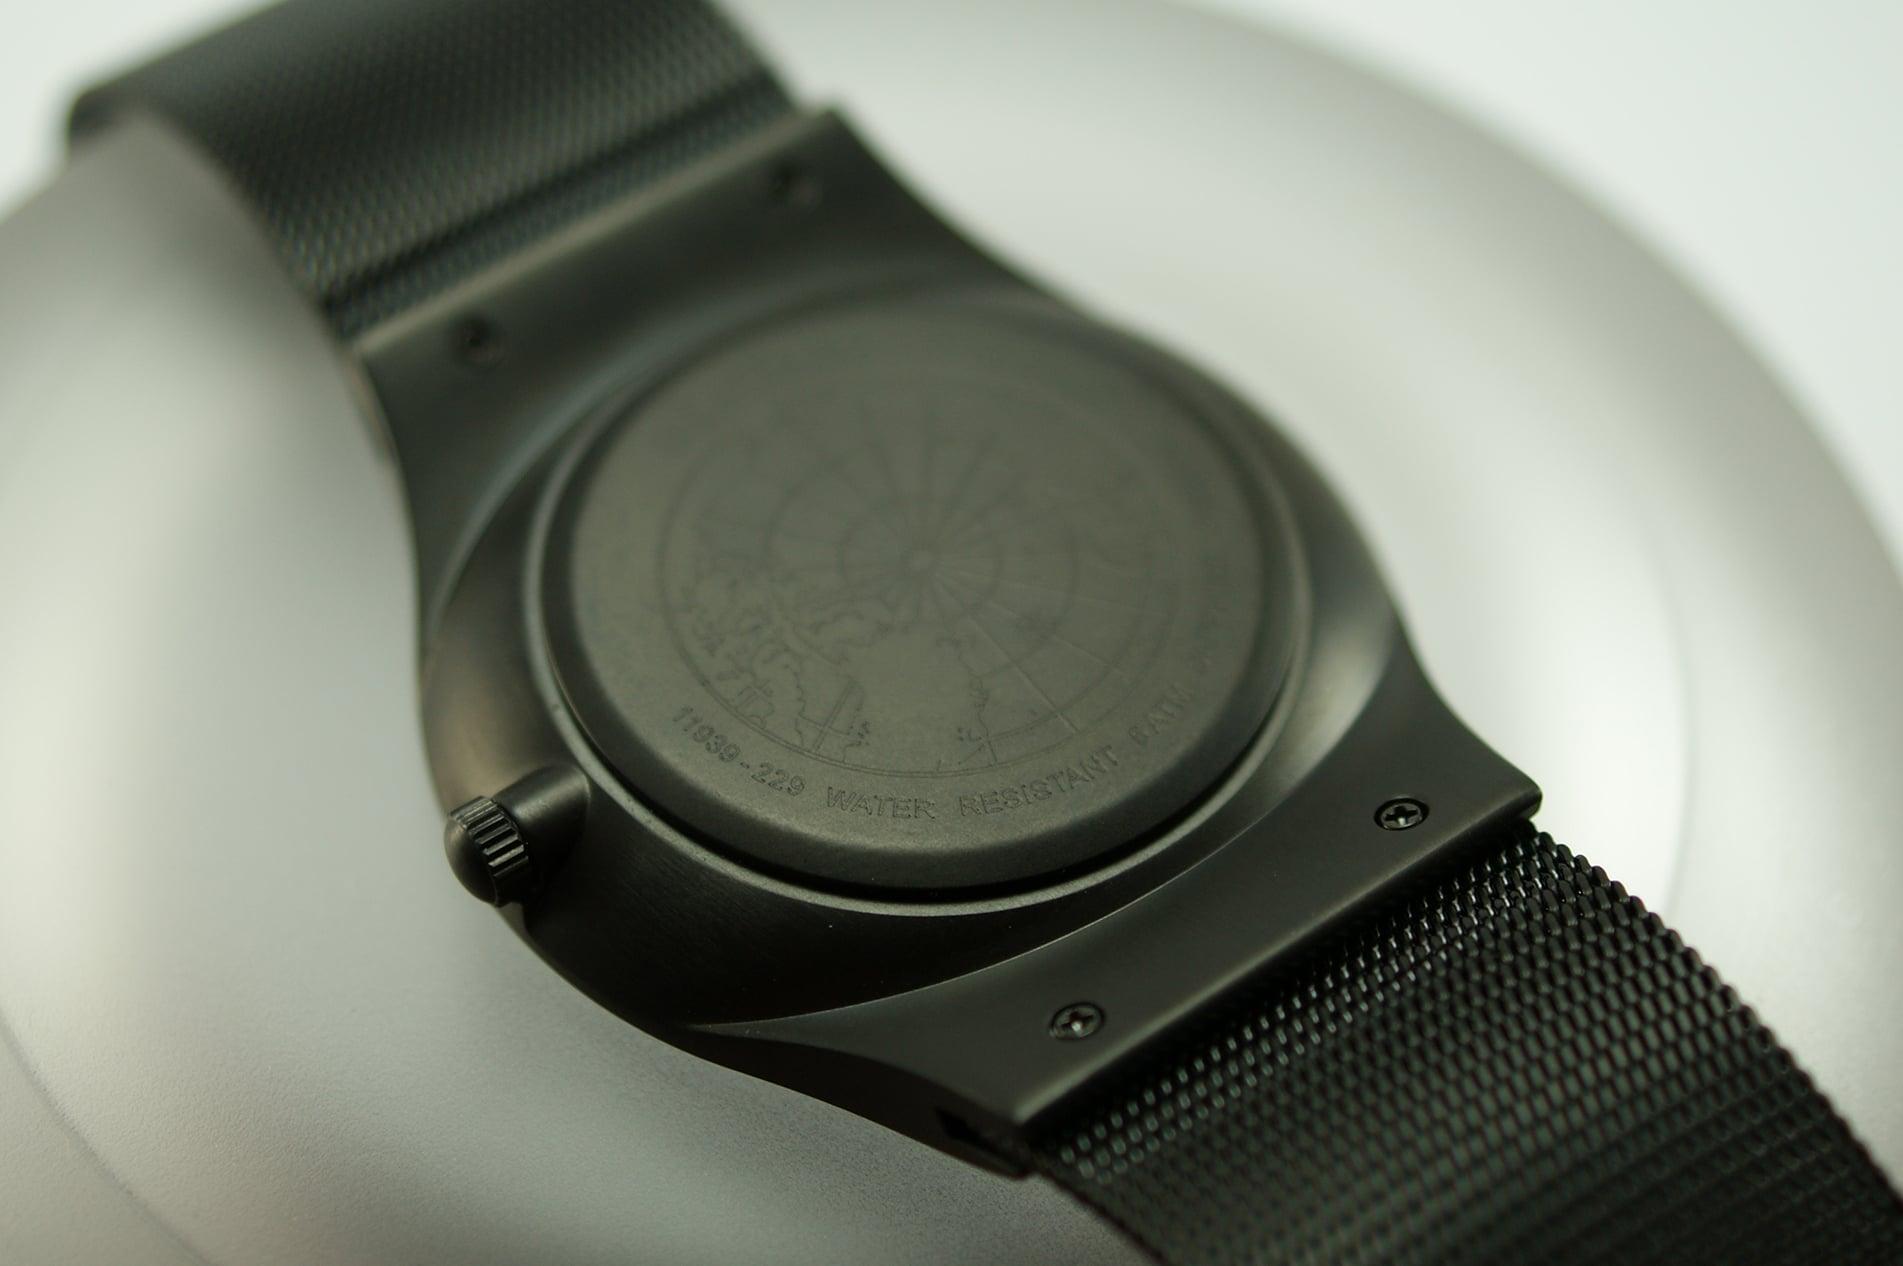 Das Milanaise-Armband ist mit dem Gehäuse fest verschraubt.